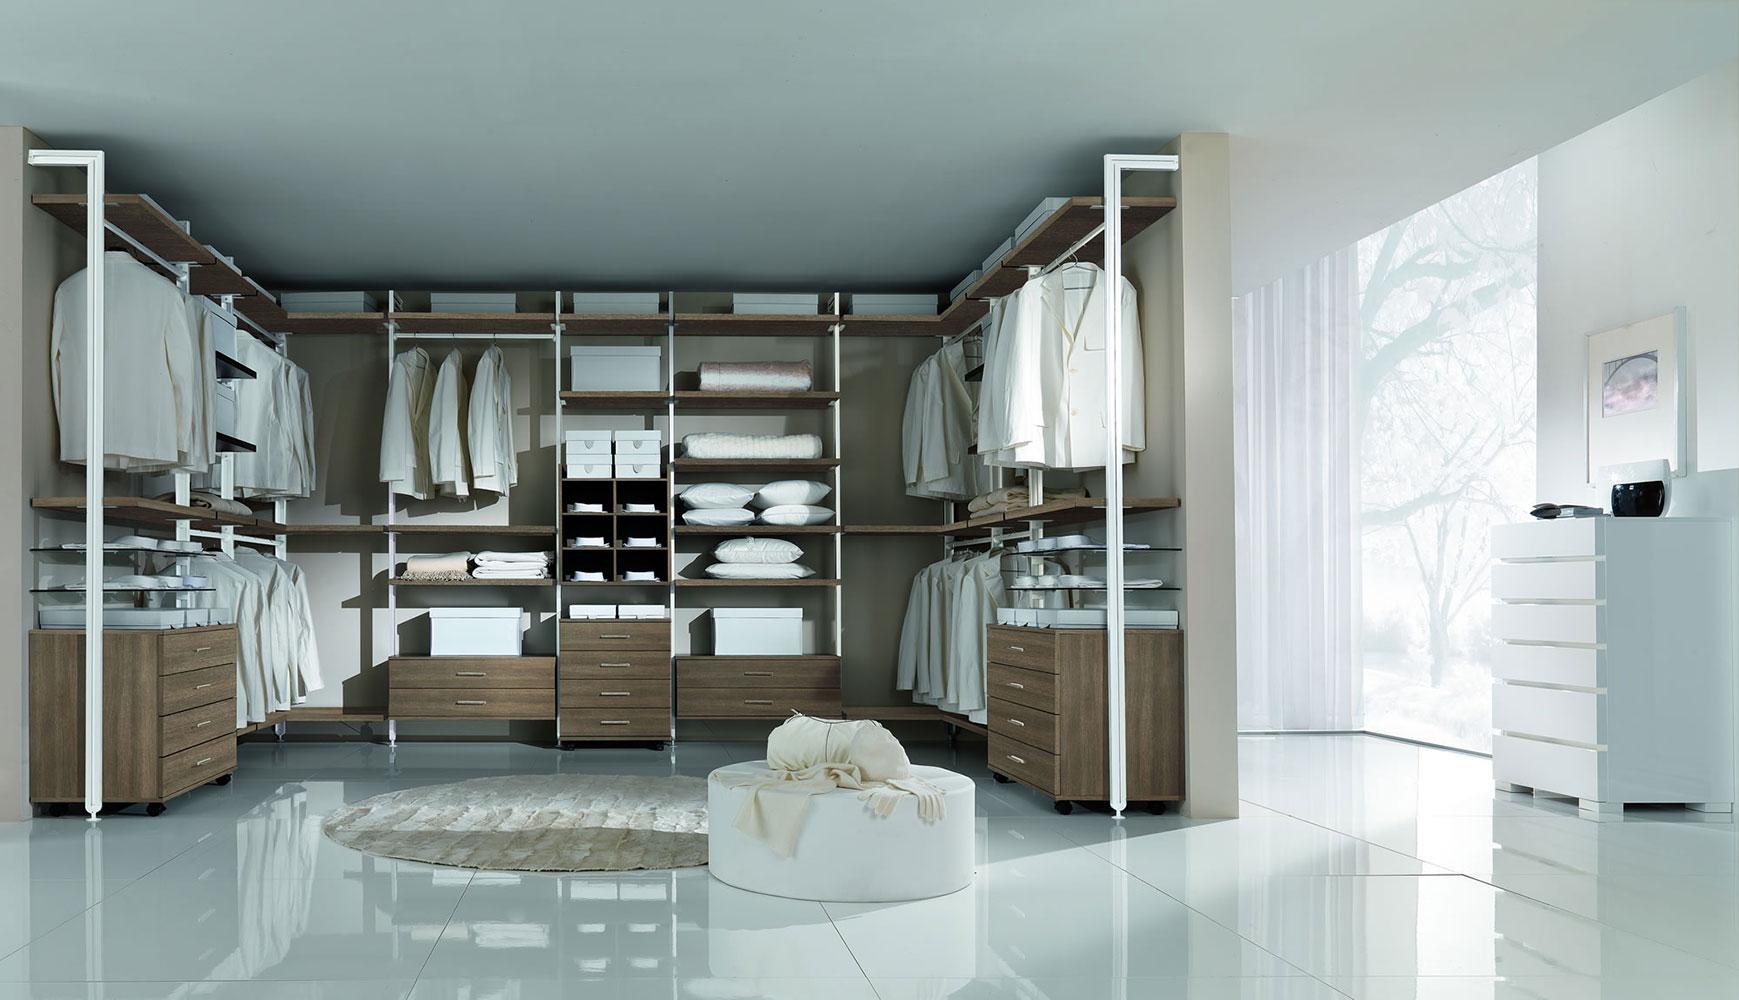 excoffier lyon decouvrez notre gamme de dressing sur mesure. Black Bedroom Furniture Sets. Home Design Ideas